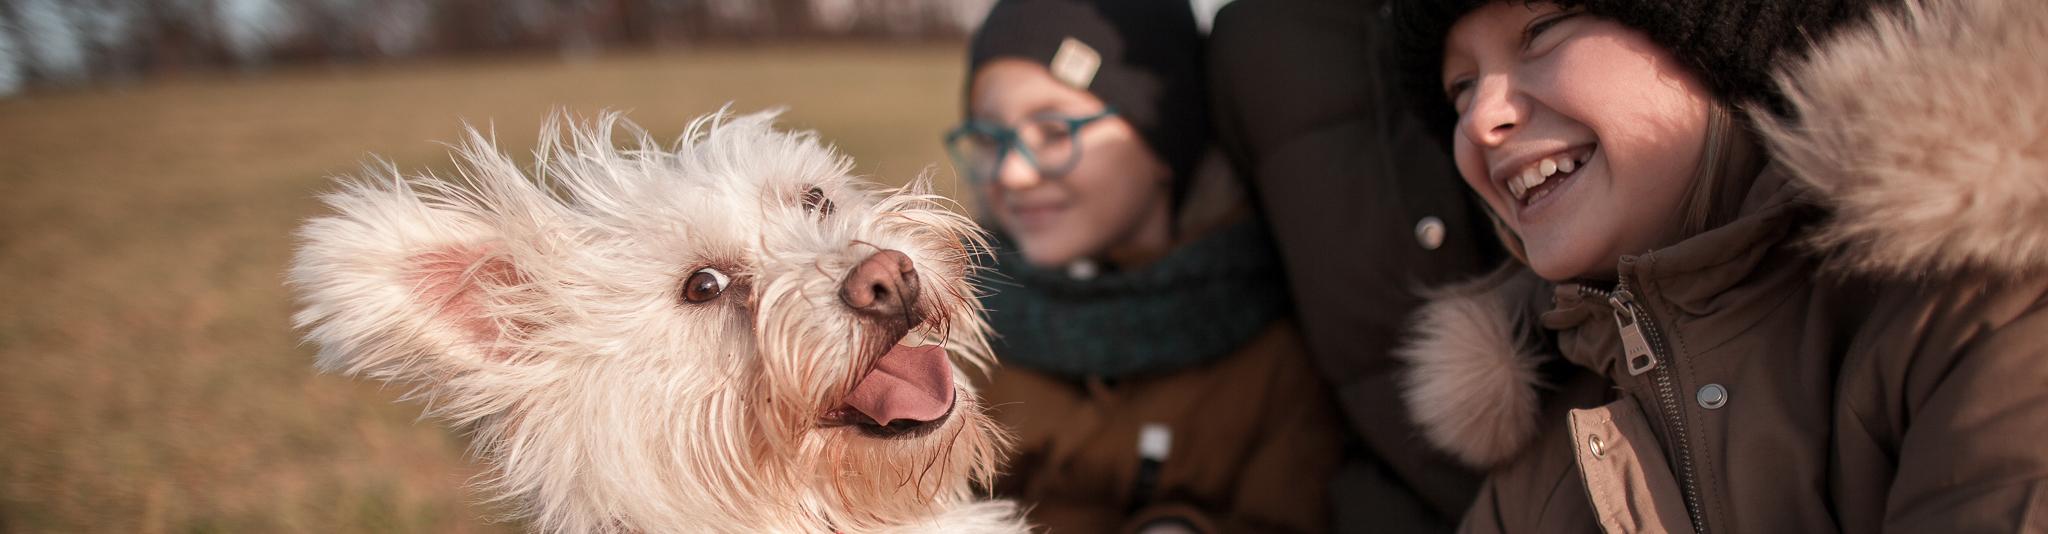 Úsměv psa - Rodinné focení